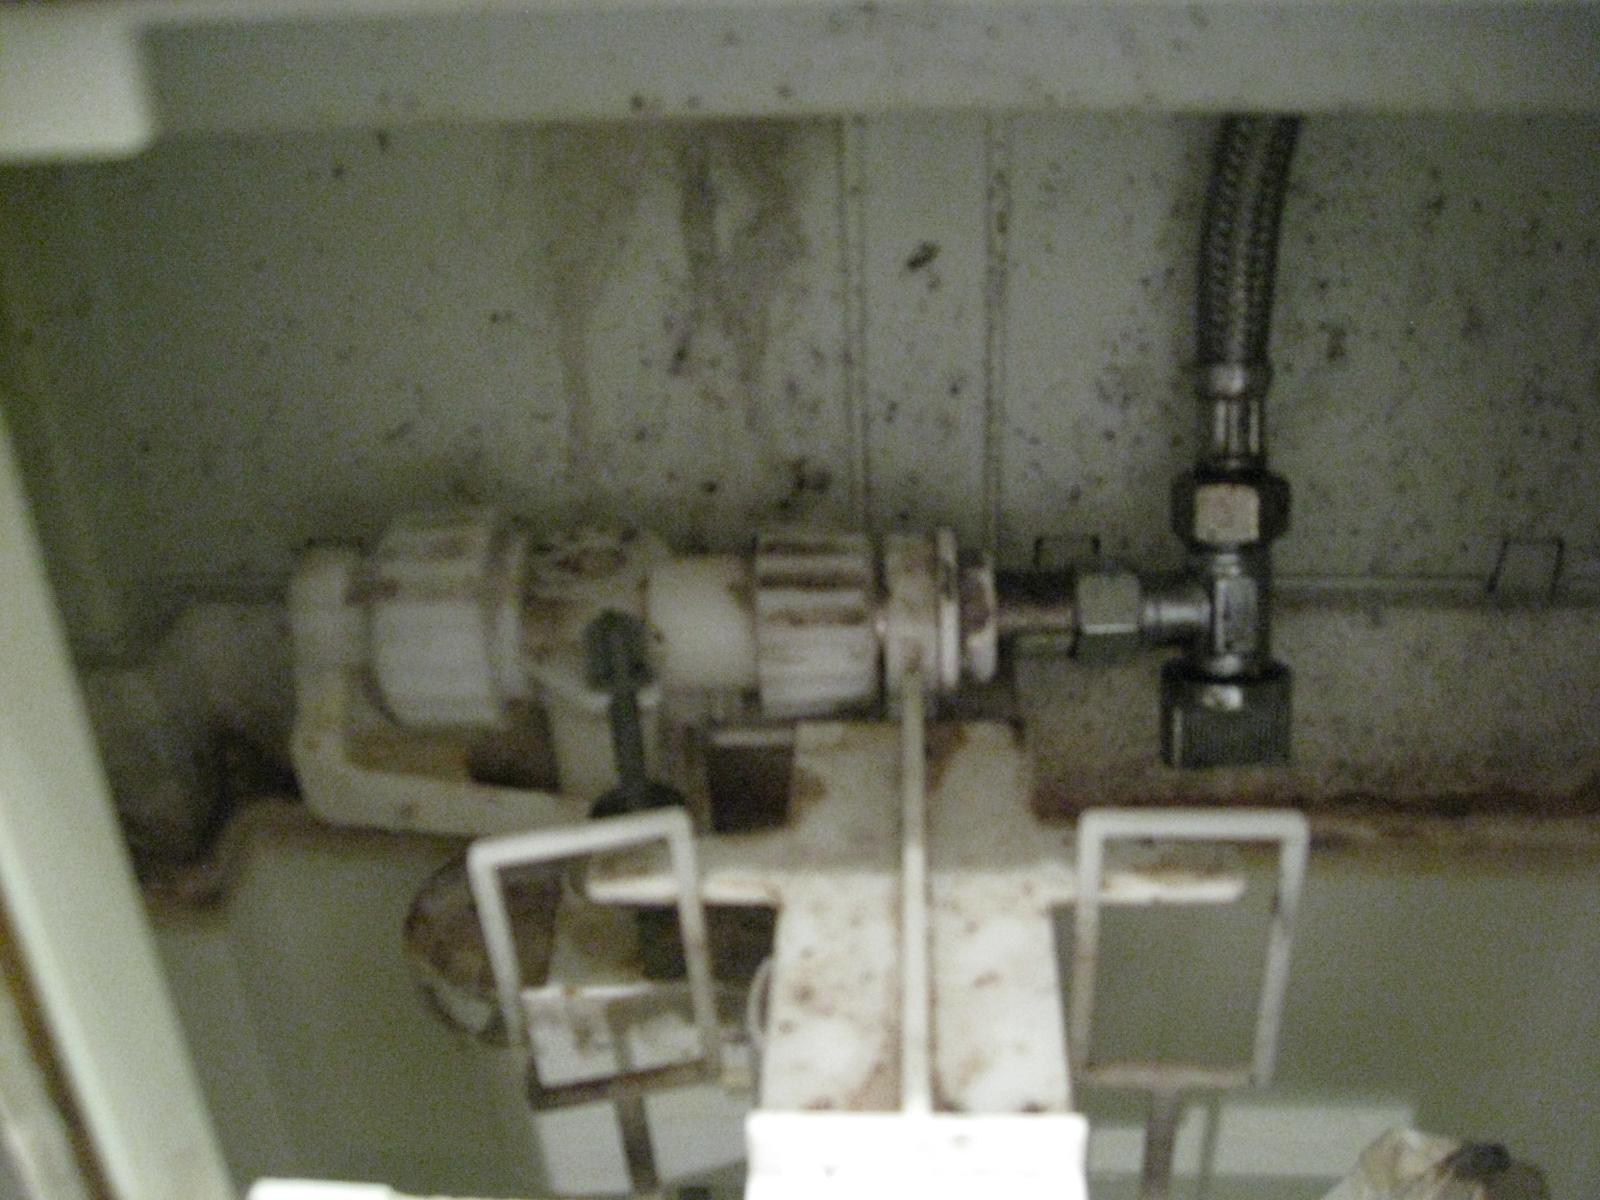 Comment Installer Toilette Suspendu comment reparer chasse d'eau wc suspendu